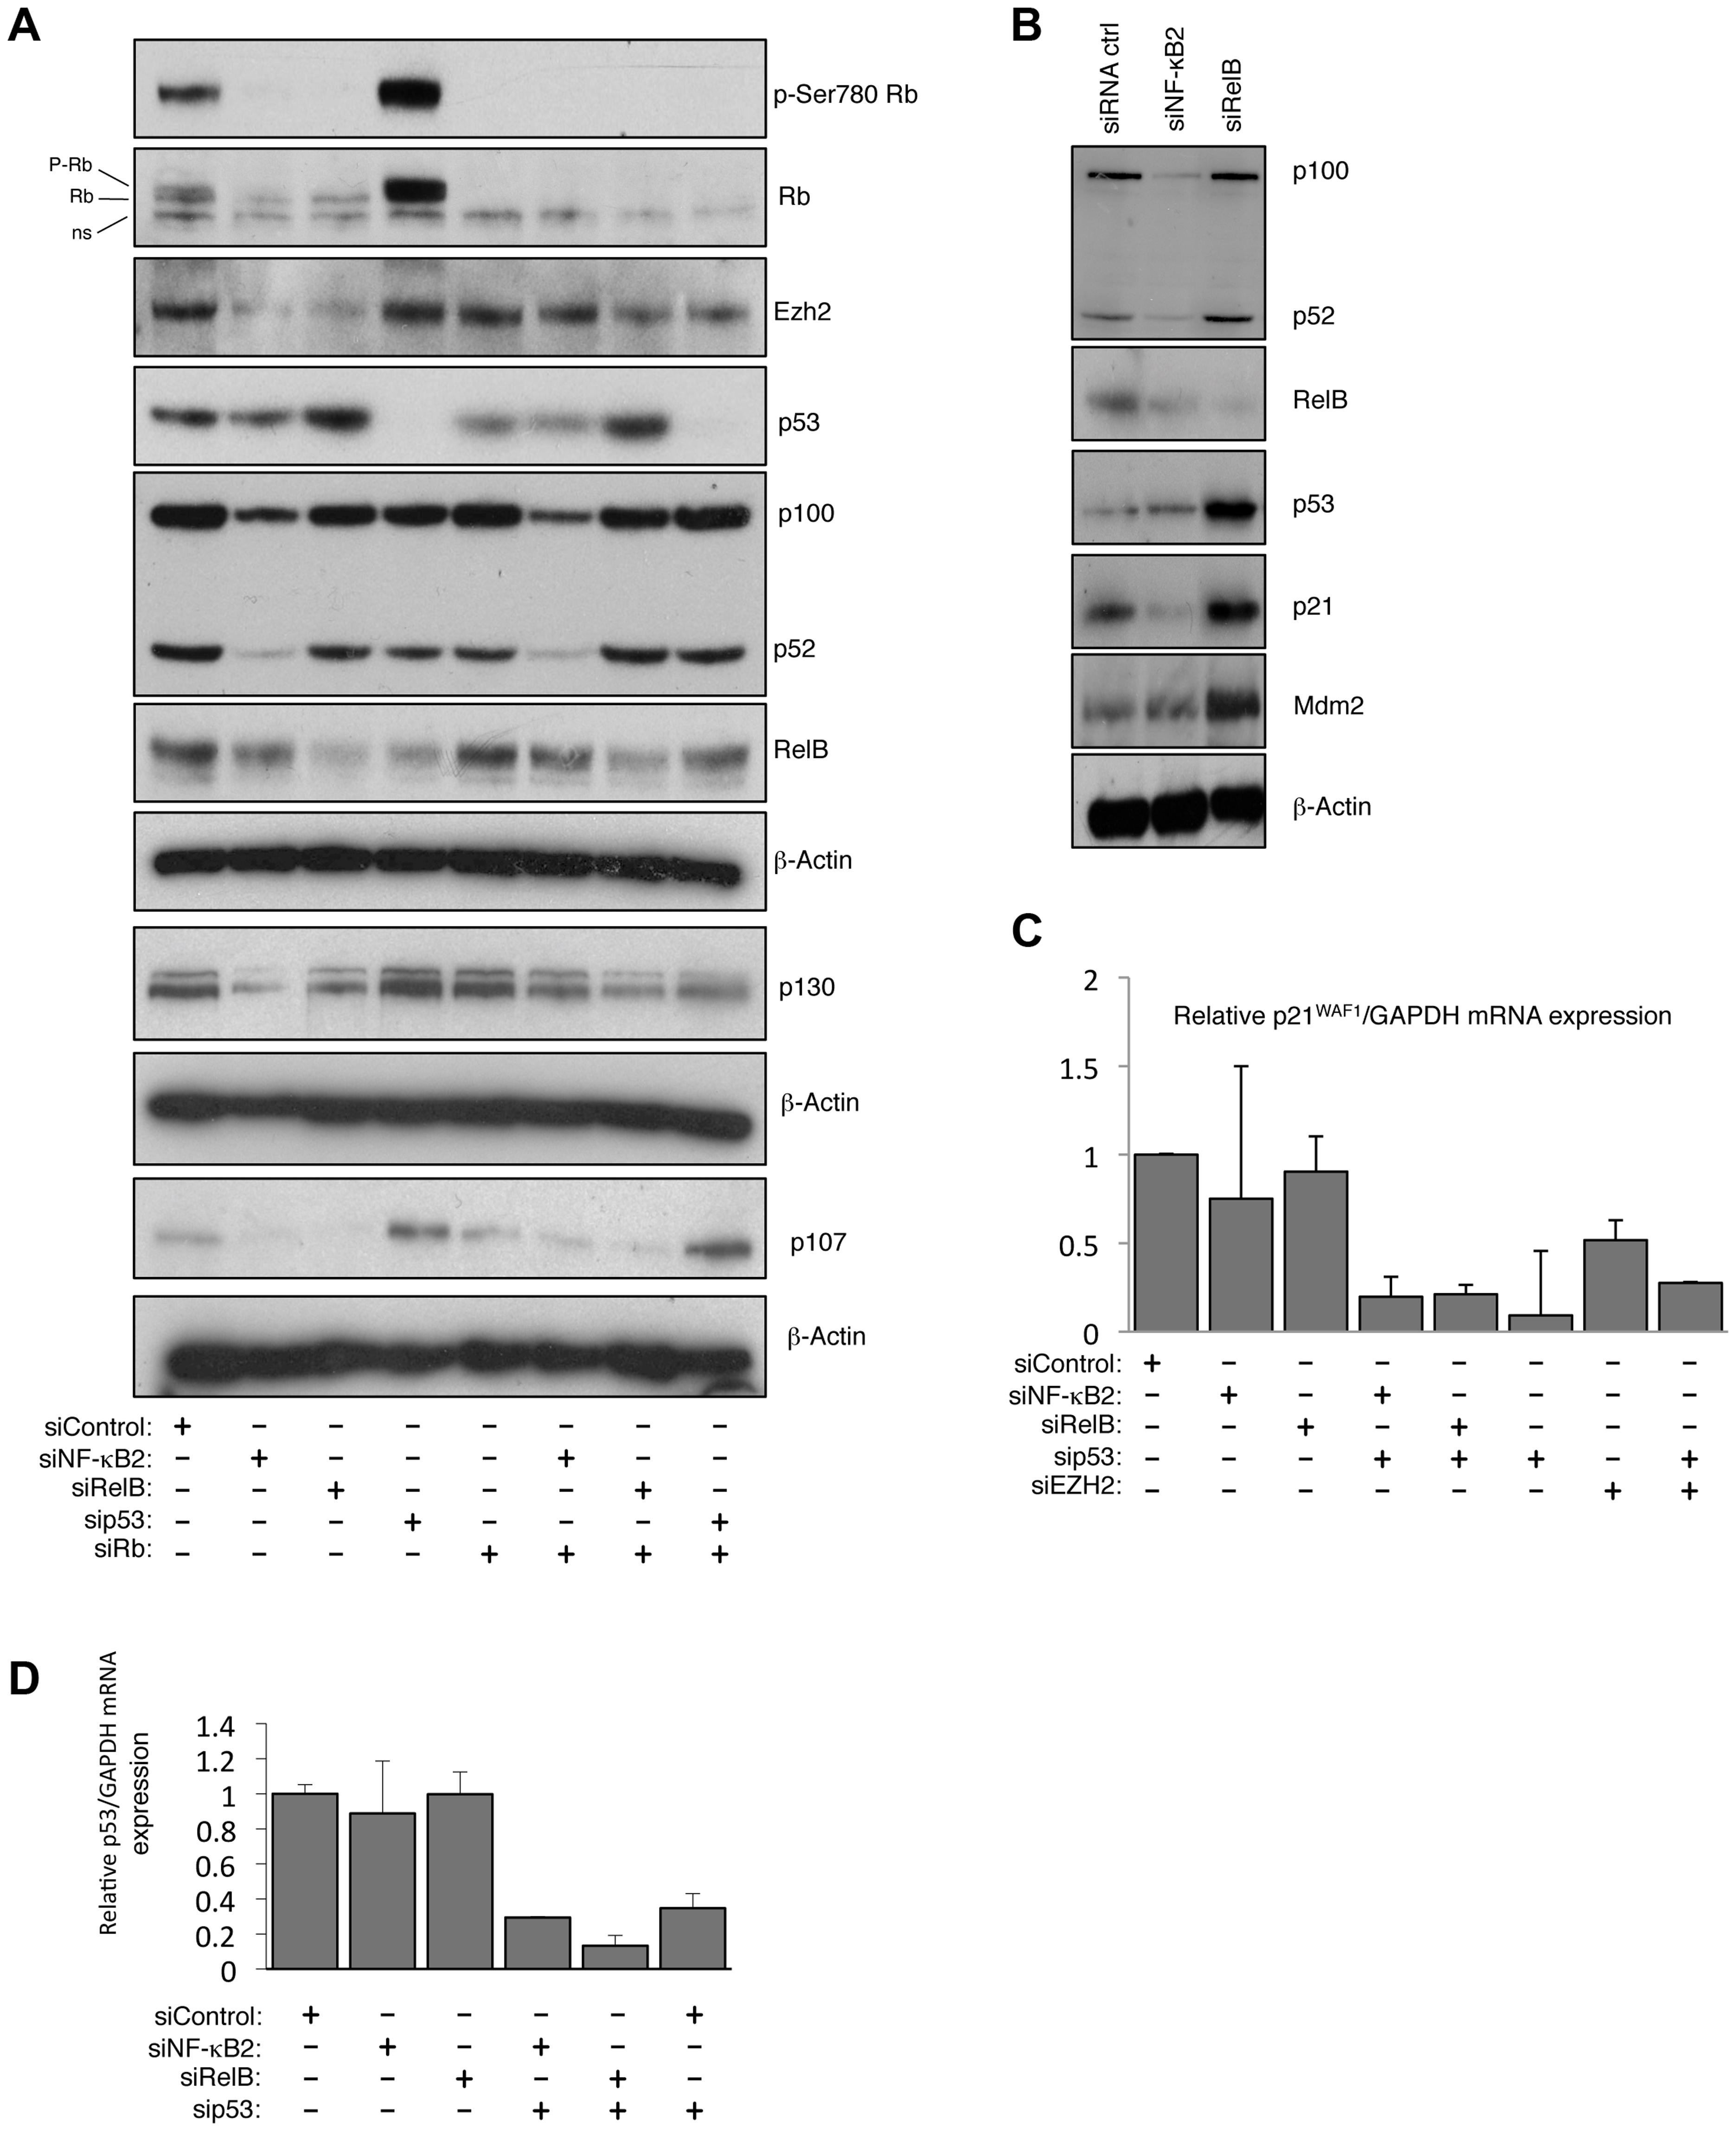 NF-κB2 and RelB regulate EZH2 in an Rb/E2F dependent manner.